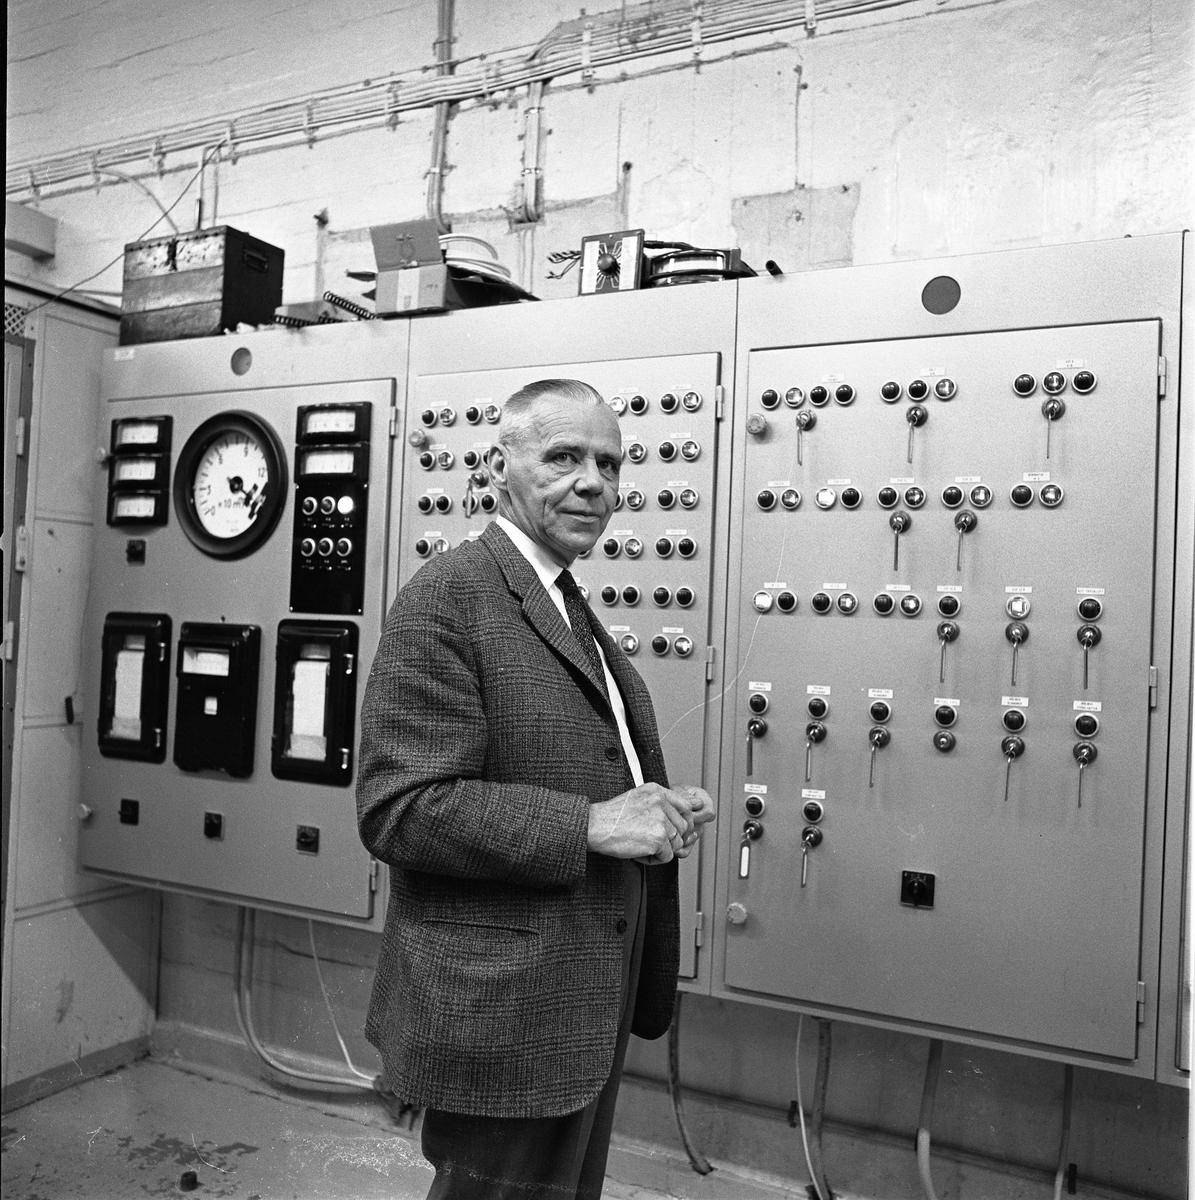 Alf Hedlund, maskinmästare på Centrala Verkstaden Arboga, går i pension  Kostymklädd man i industrilokal. Knappar och reglage.